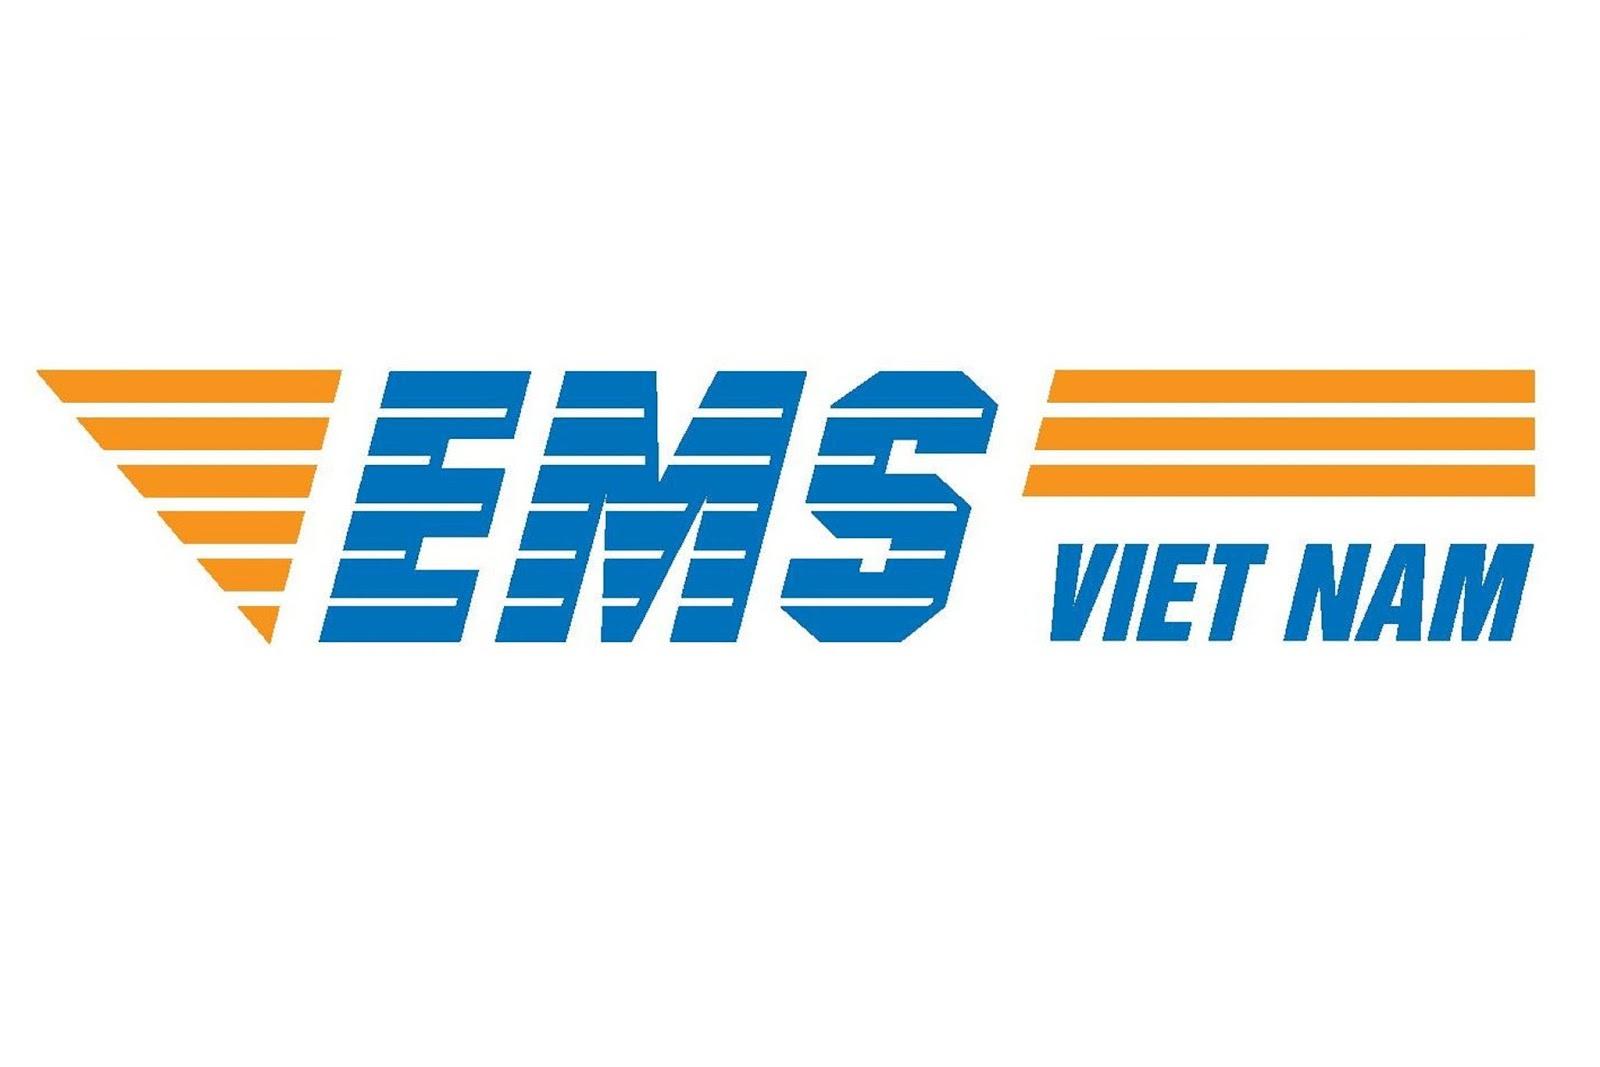 Giải đáp: Gửi hàng từ Mỹ về Việt Nam qua bưu điện mất bao lâu?Giải đáp: Gửi hàng từ Mỹ về Việt Nam qua bưu điện mất bao lâu?